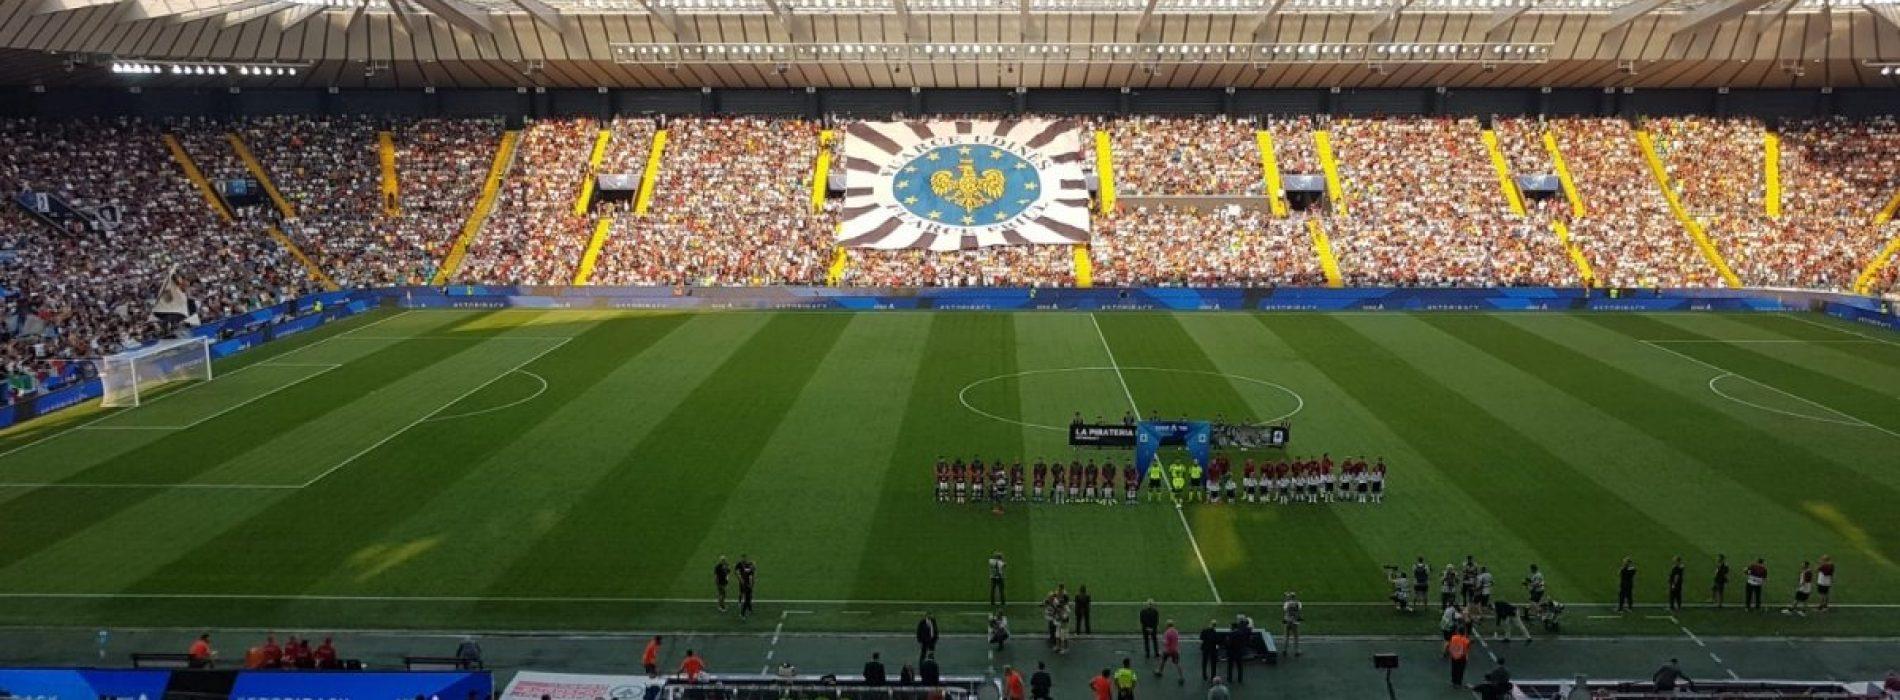 Udinese-Milan 1-0: dominio e vittoria dei padroni di casa